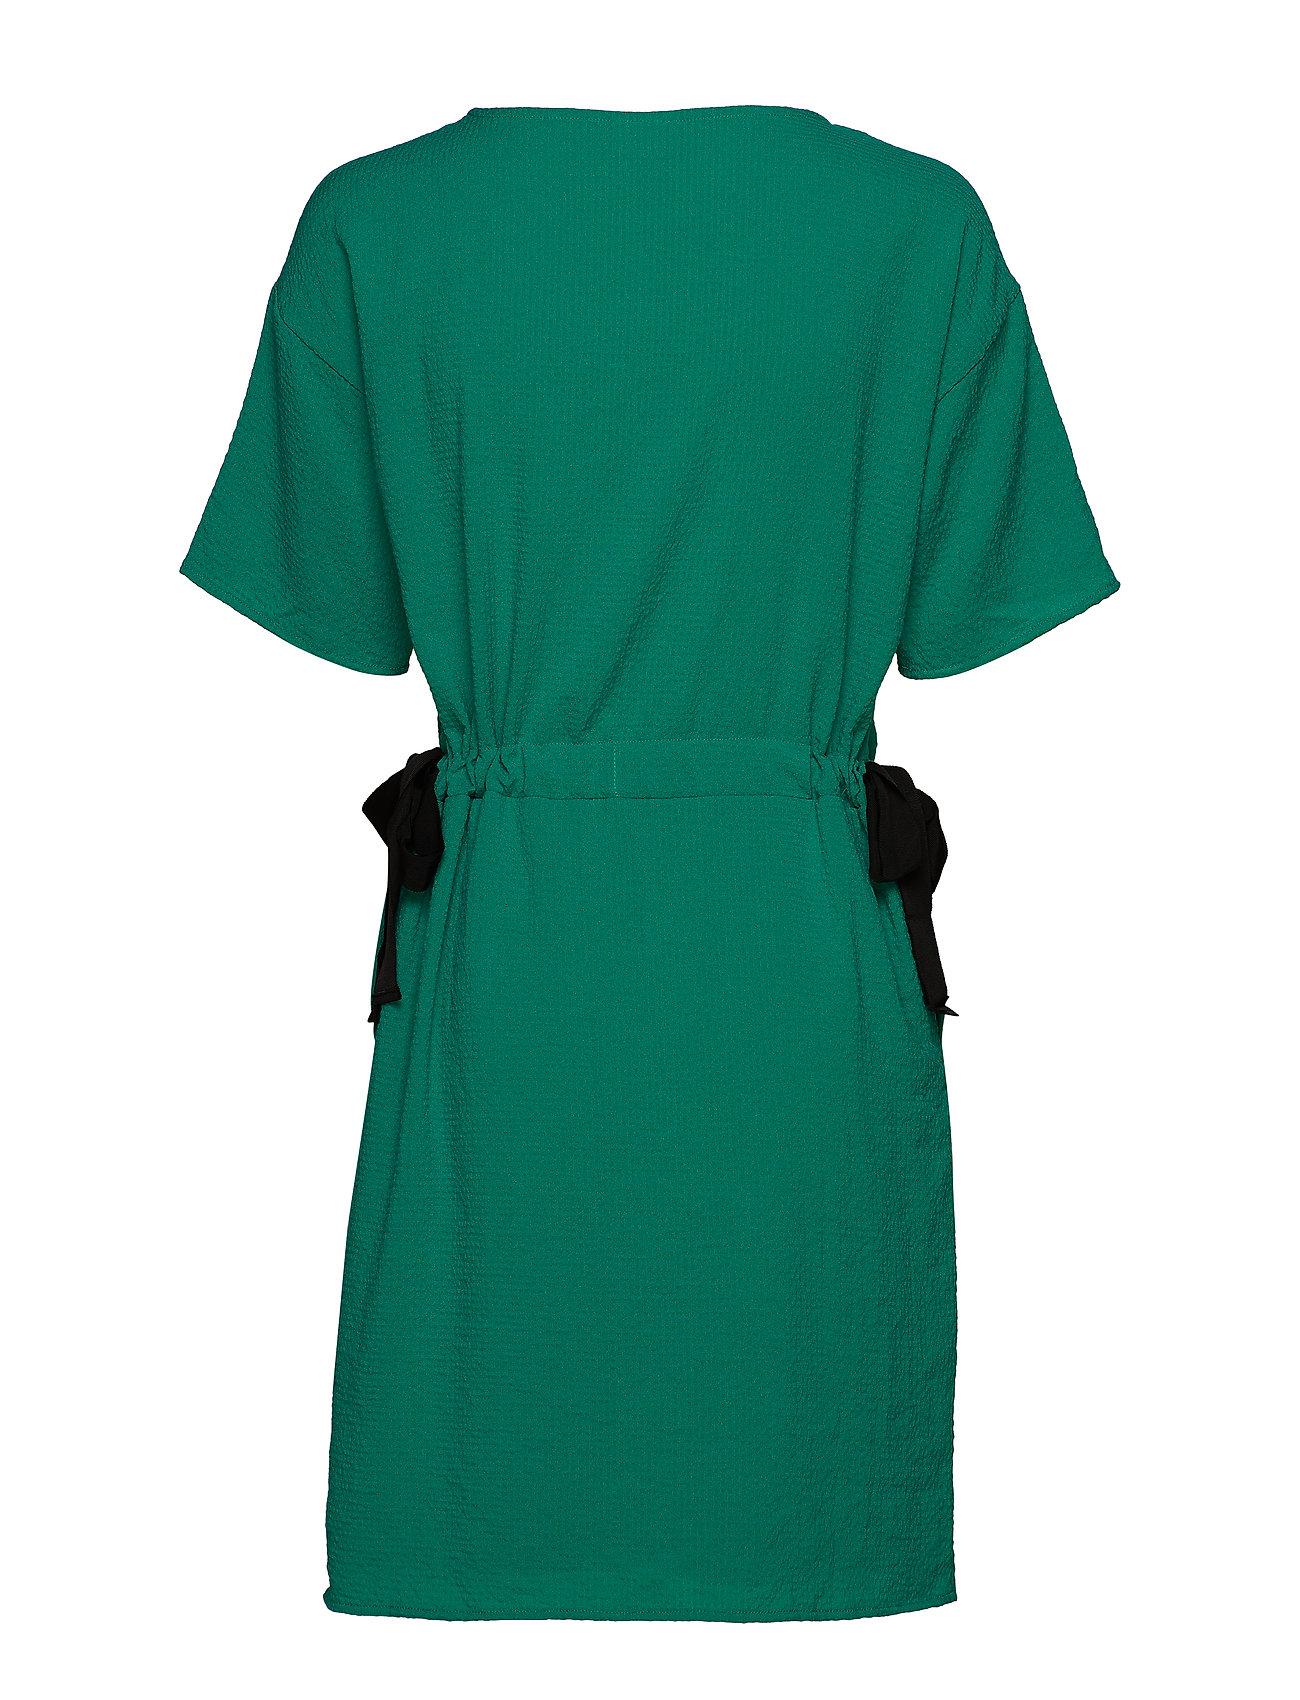 Vila VILAMIDA 2/4 DRESS - Sukienki PEPPER GREEN - Kobiety Odzież.